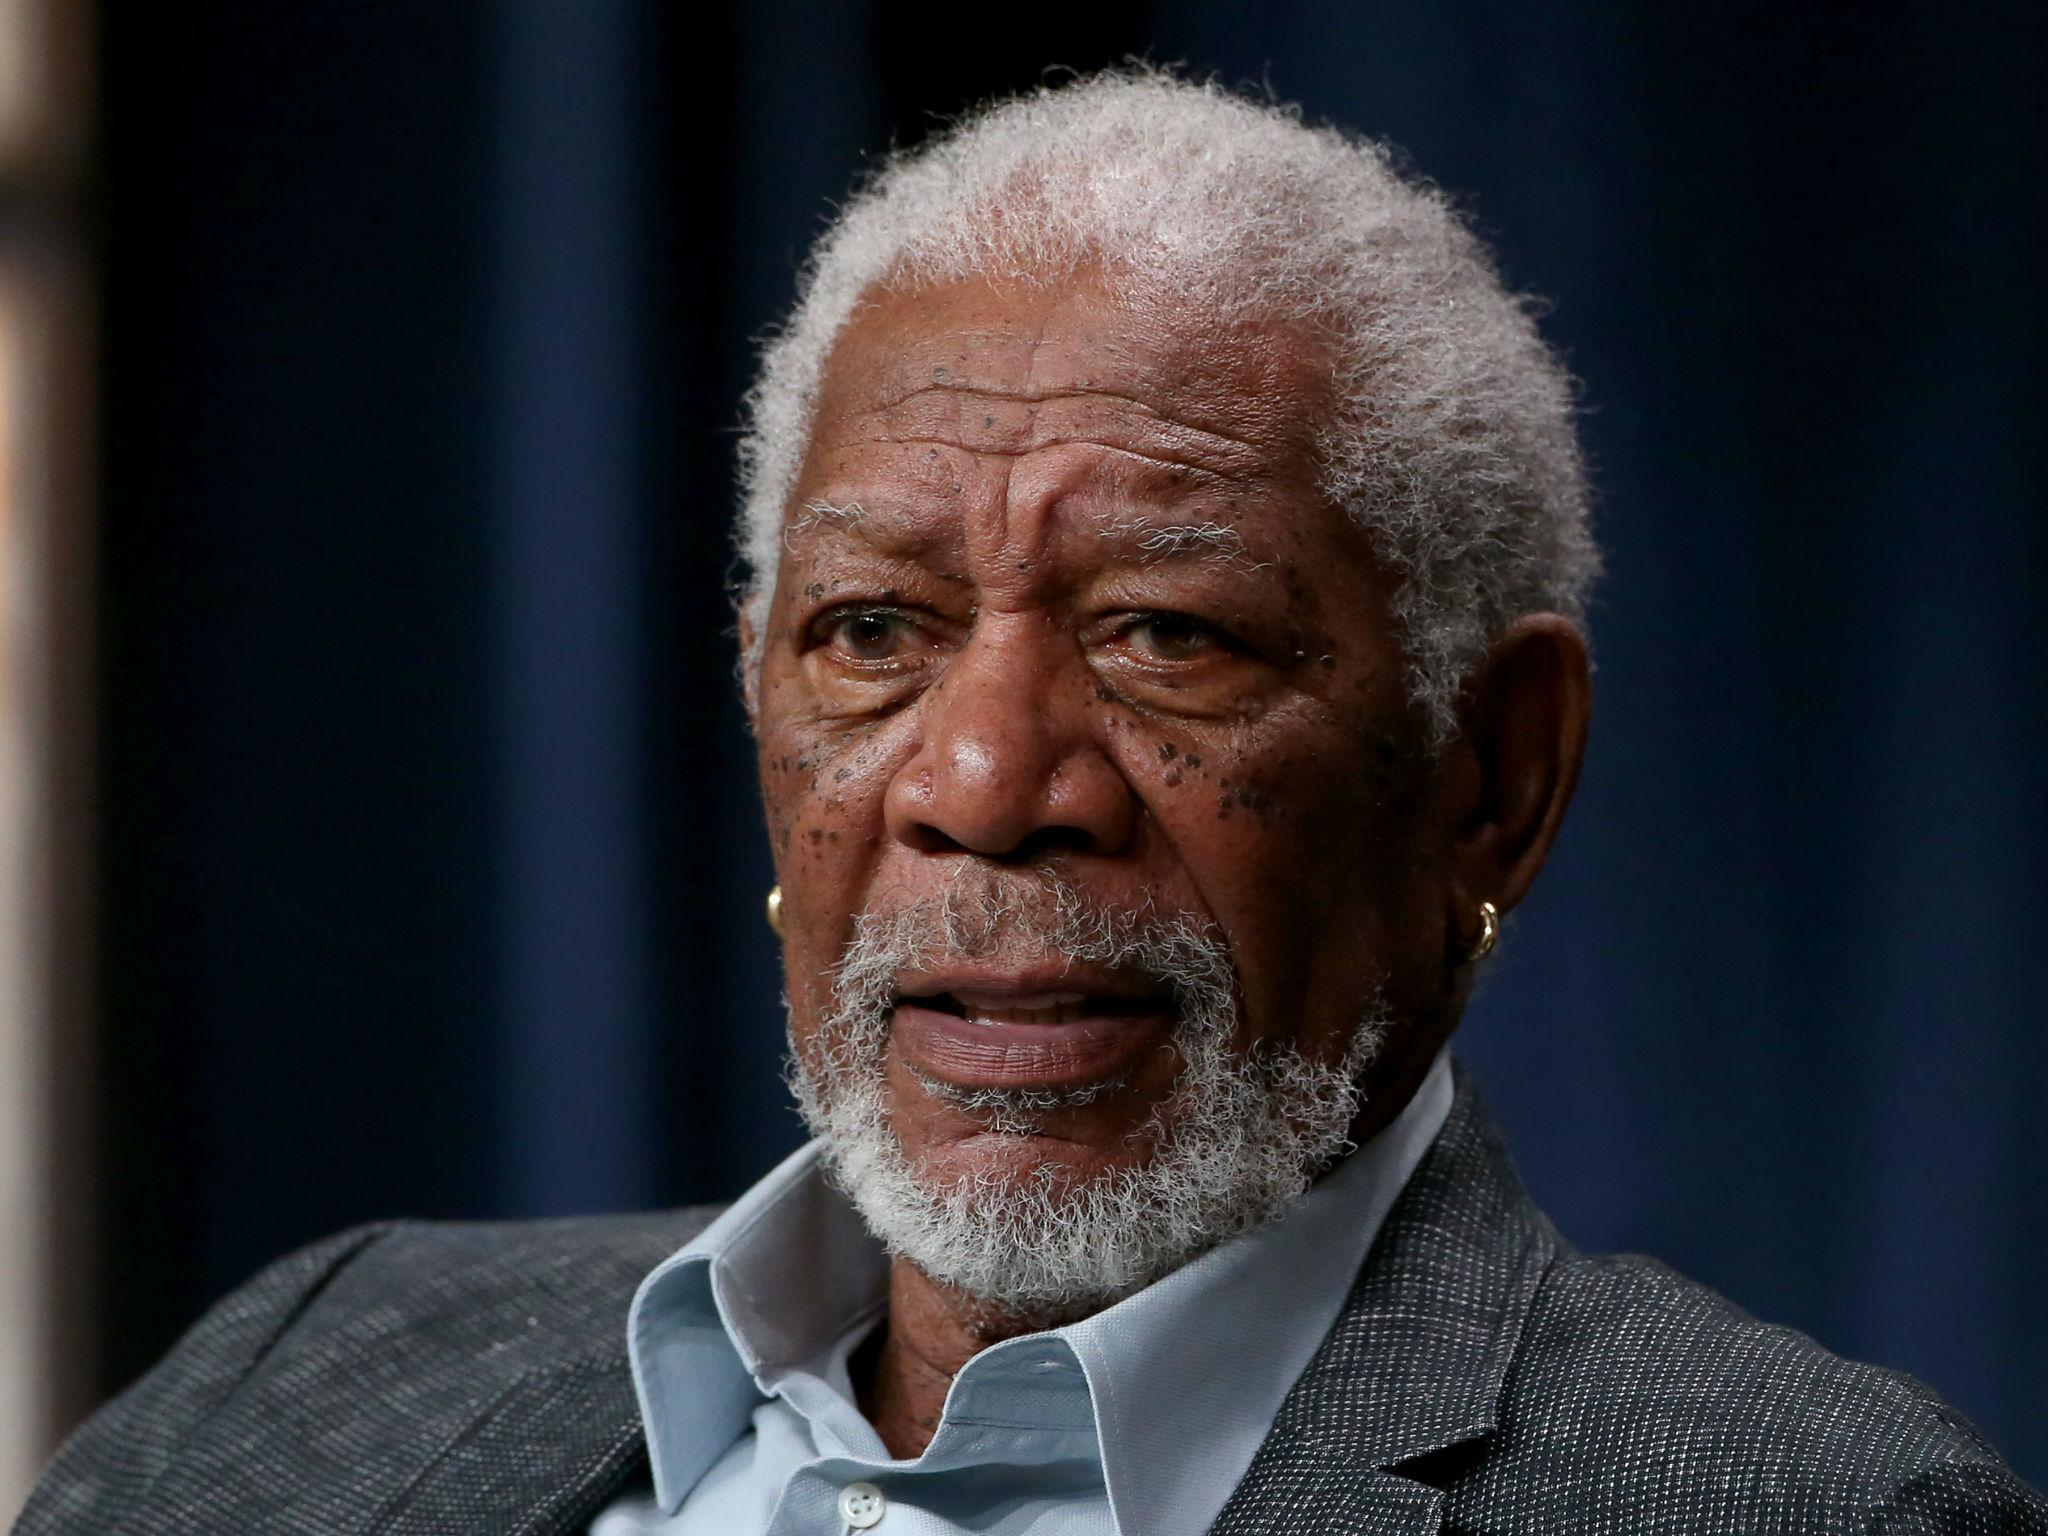 Morgan Freeman accusato di molestie sessual: la risposta dell'attore